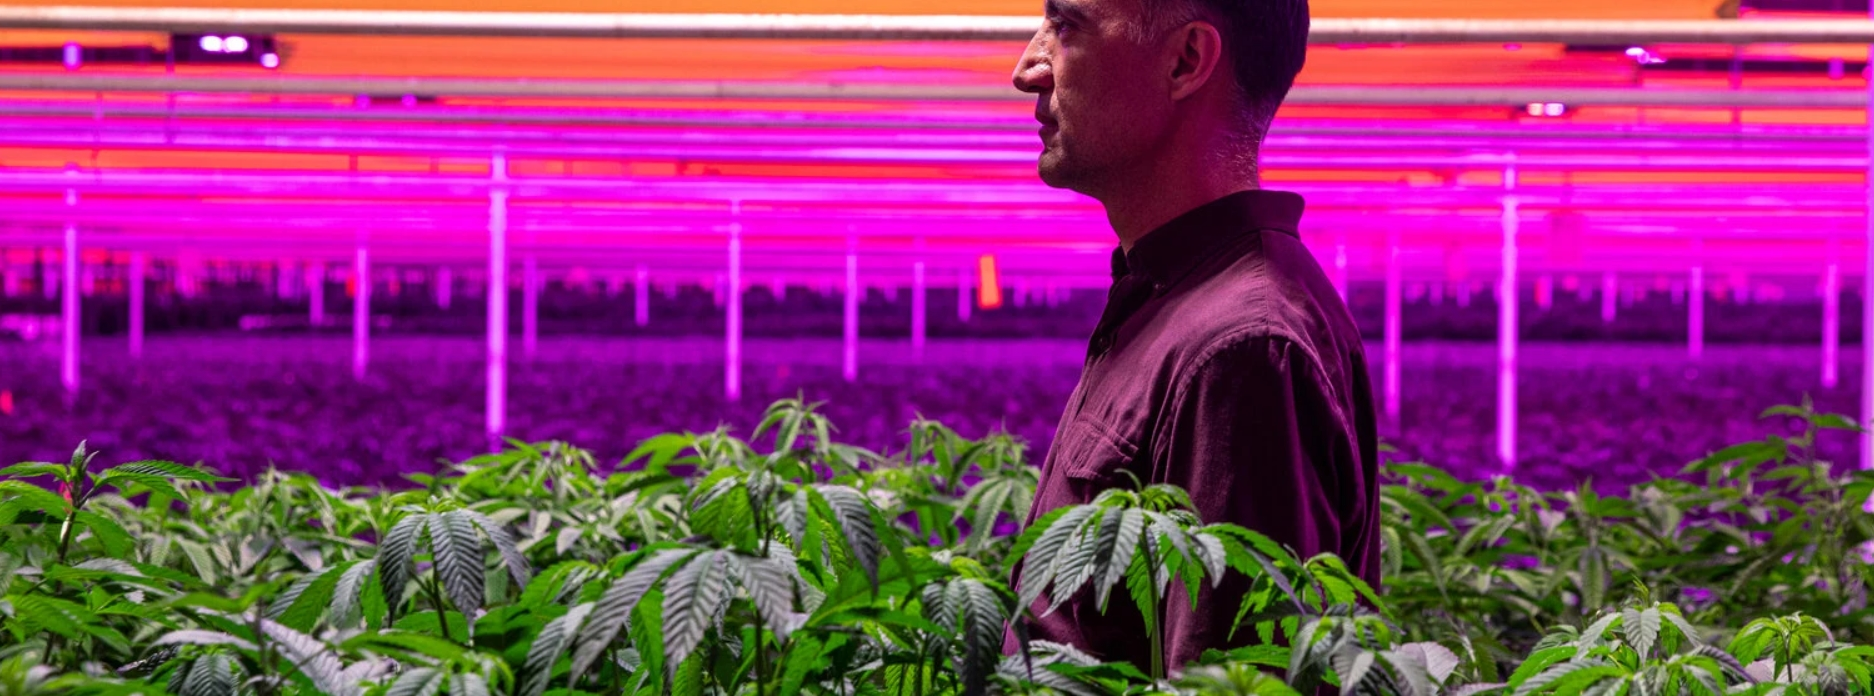 empresas de marihuana medicinal: 1 guía indispensable 3